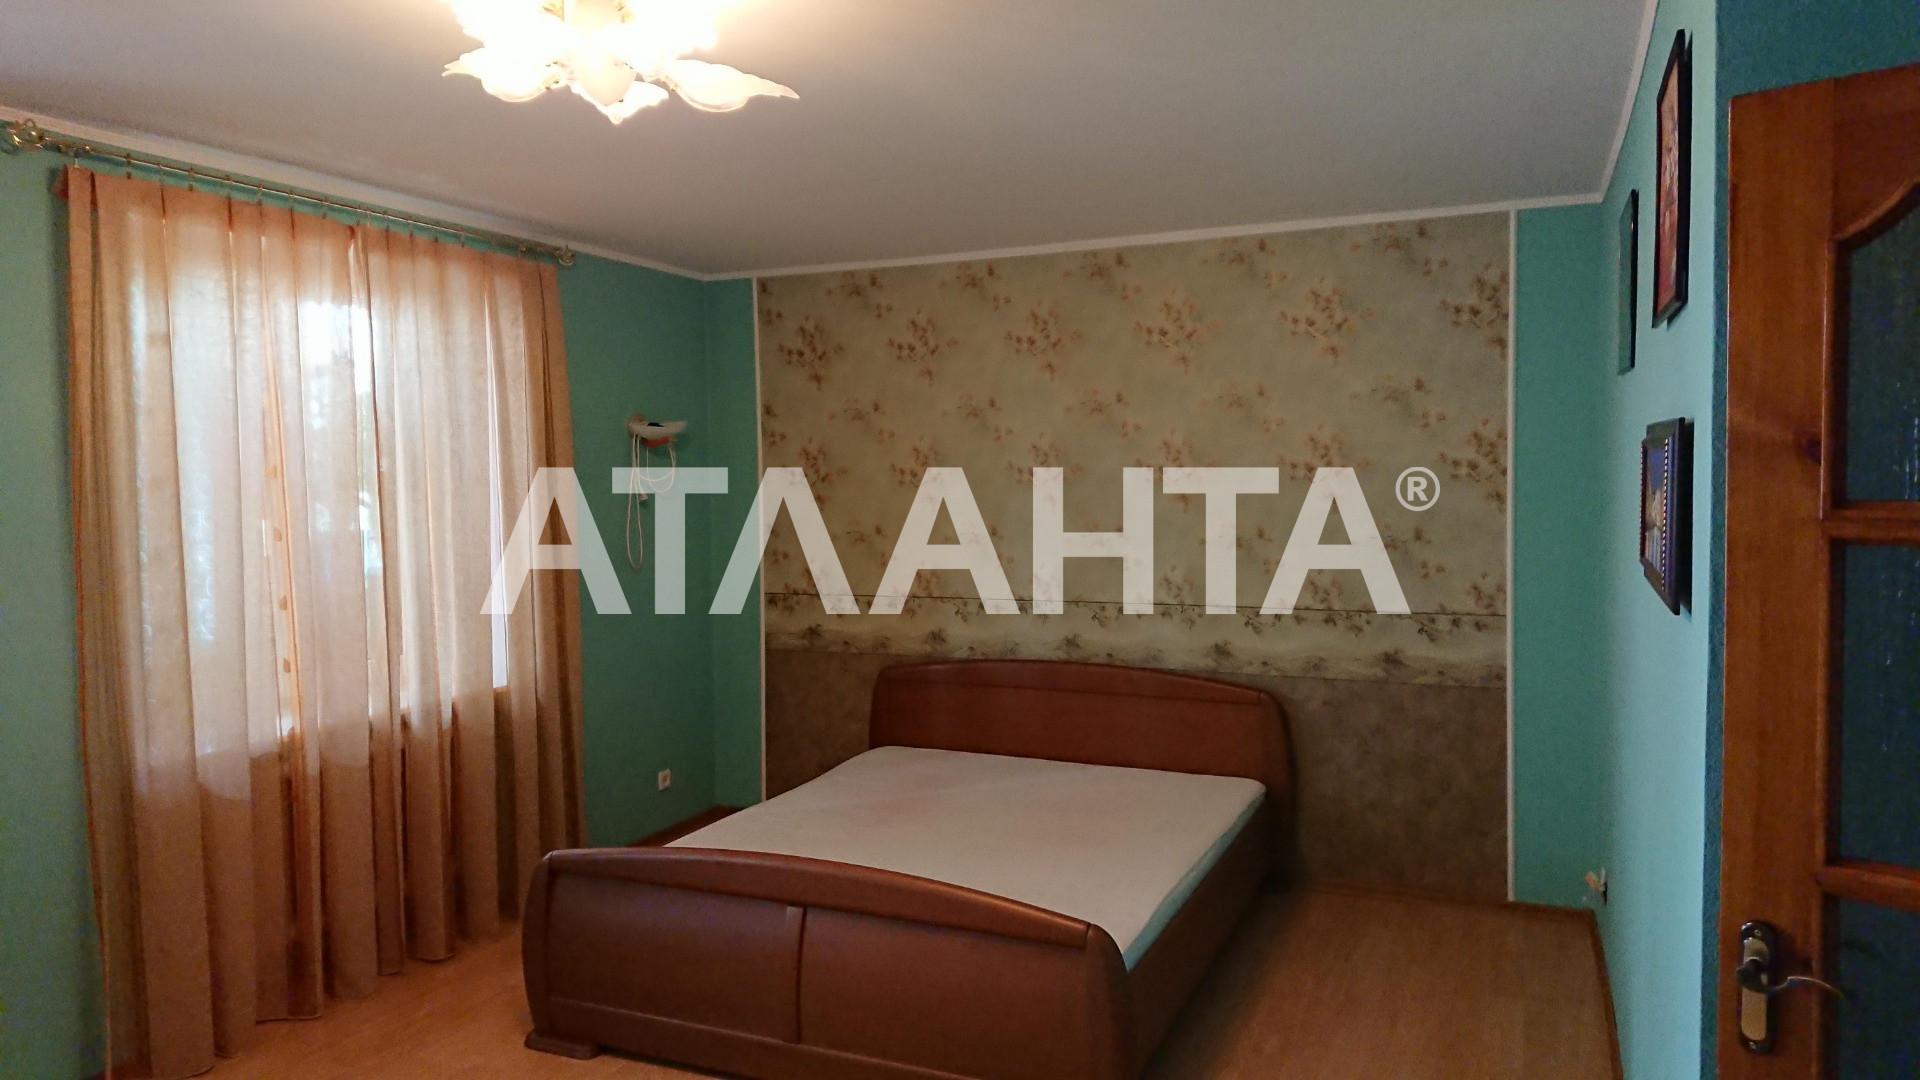 Продается 3-комнатная Квартира на ул. Просп. Героев Сталинграда — 158 000 у.е. (фото №6)